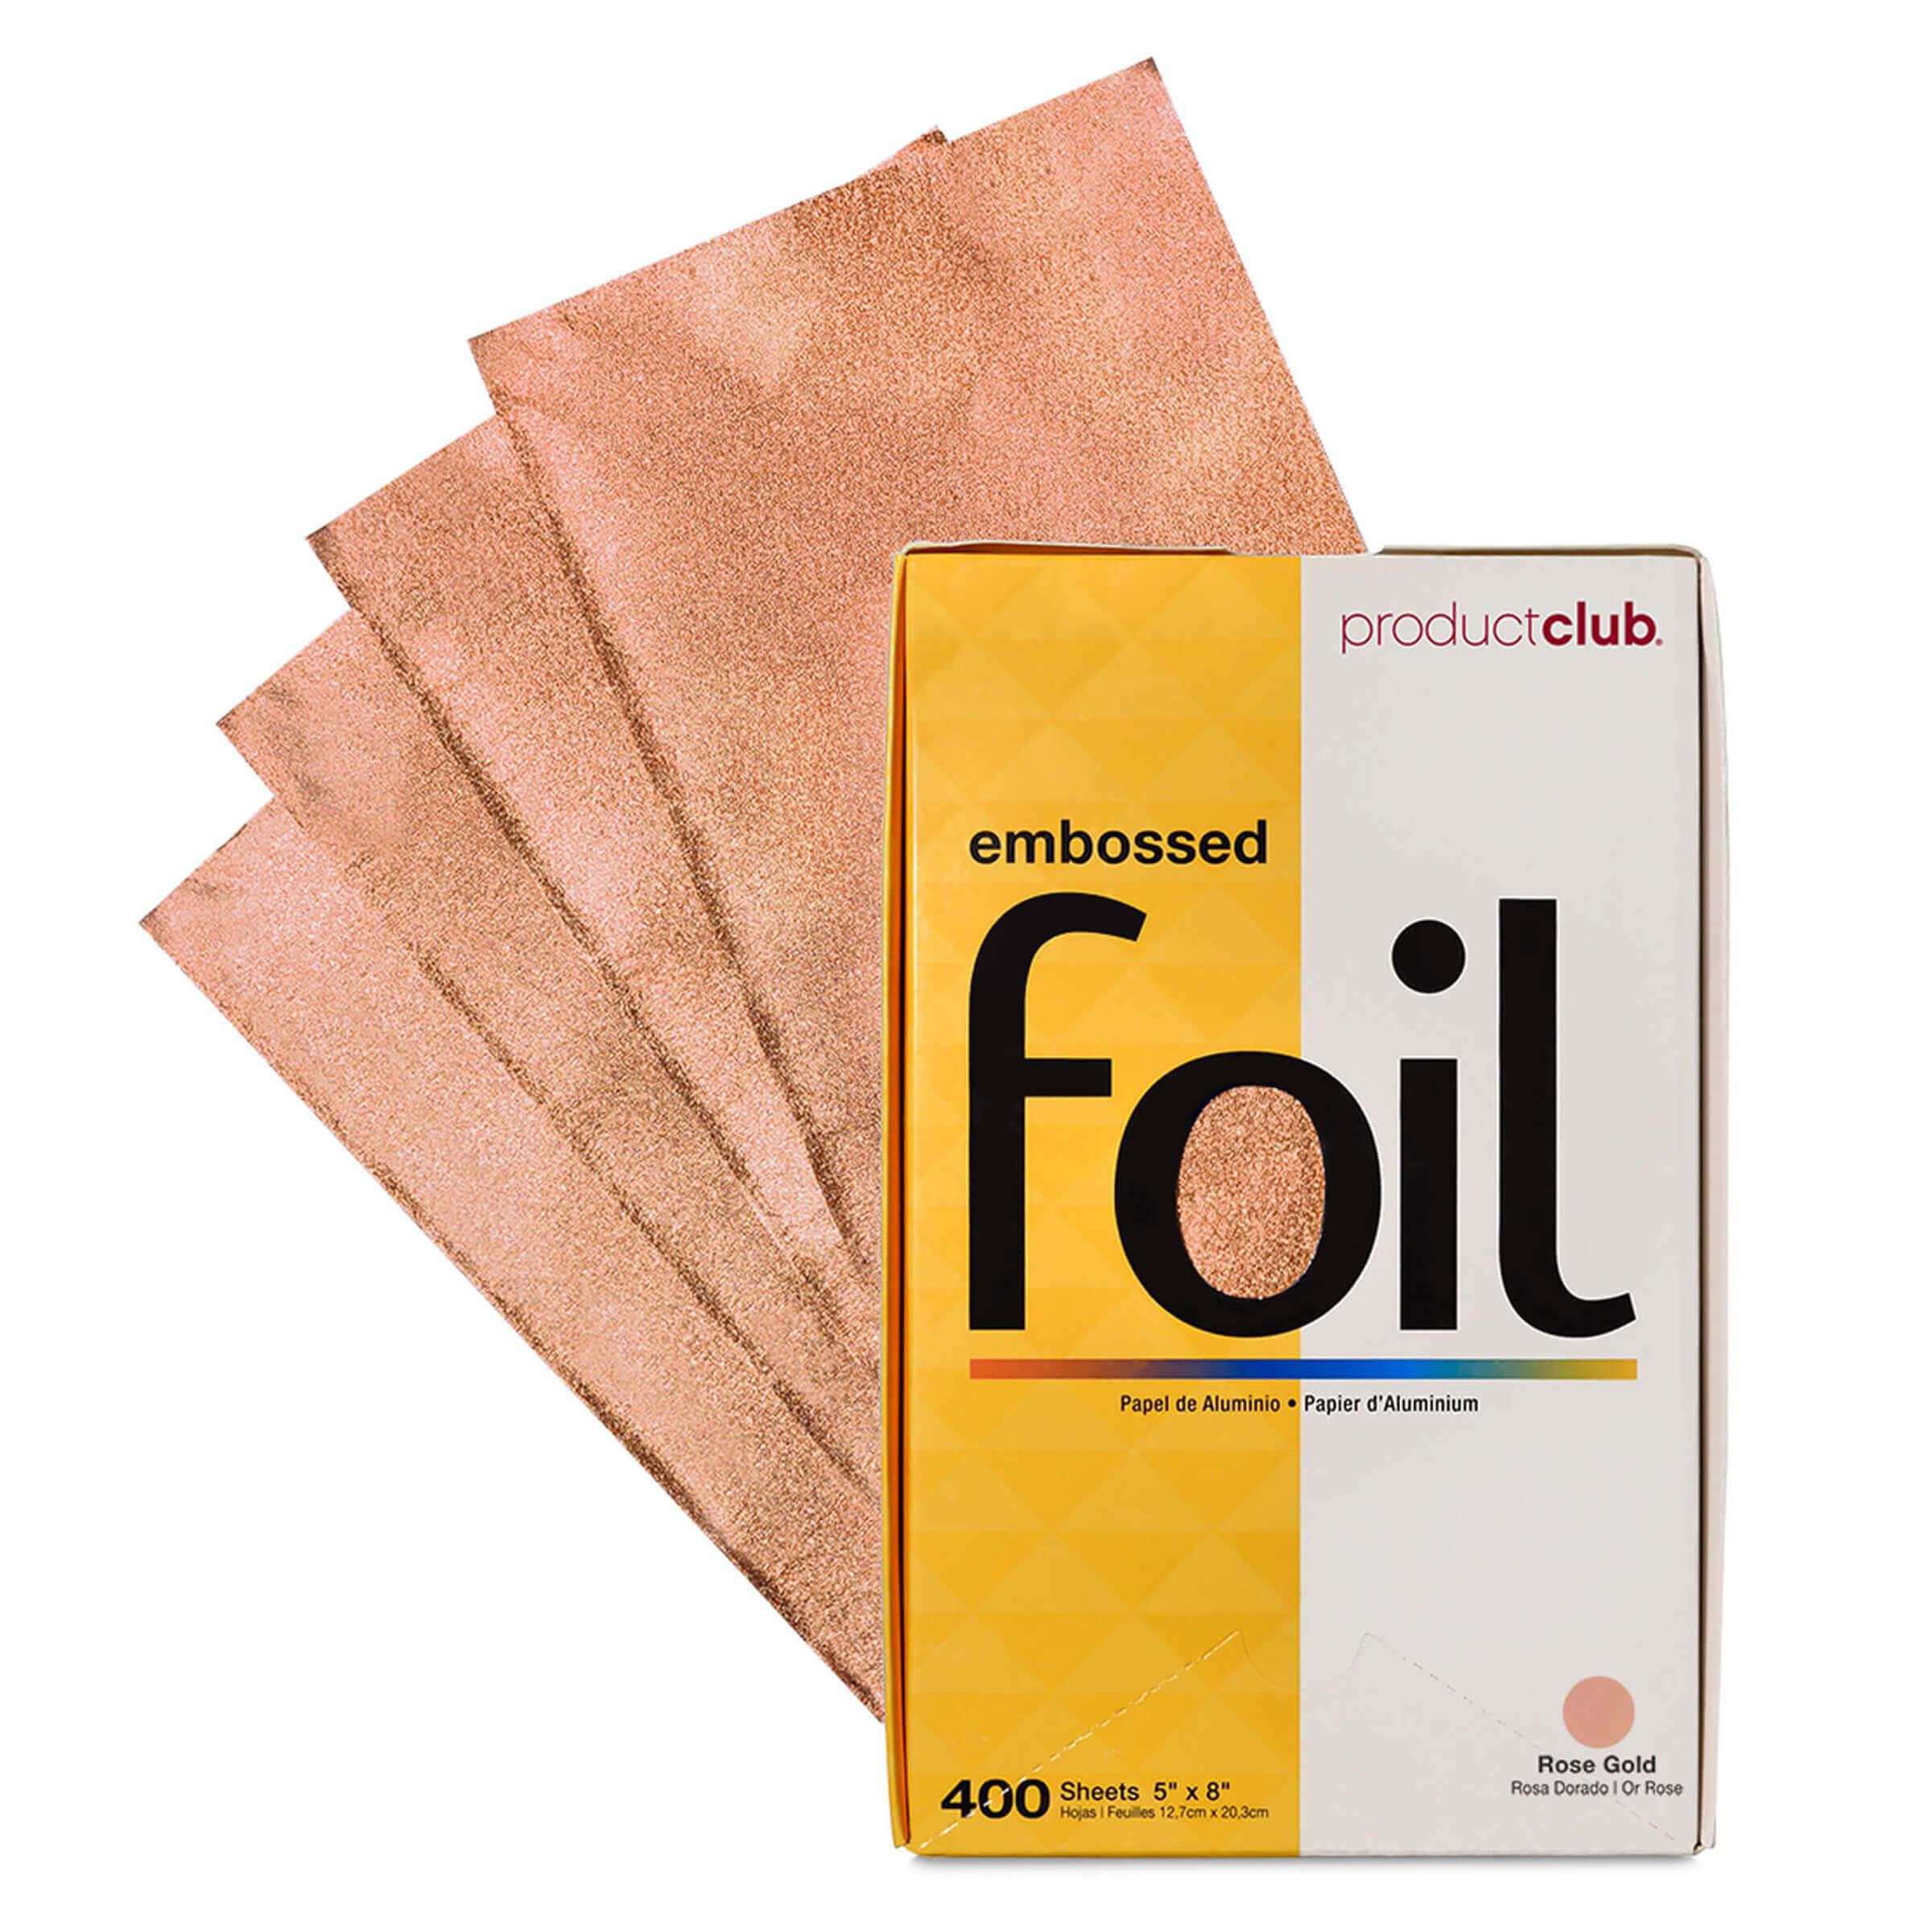 EF400-CP Product Club Precut  Rose Gold Hair Foil